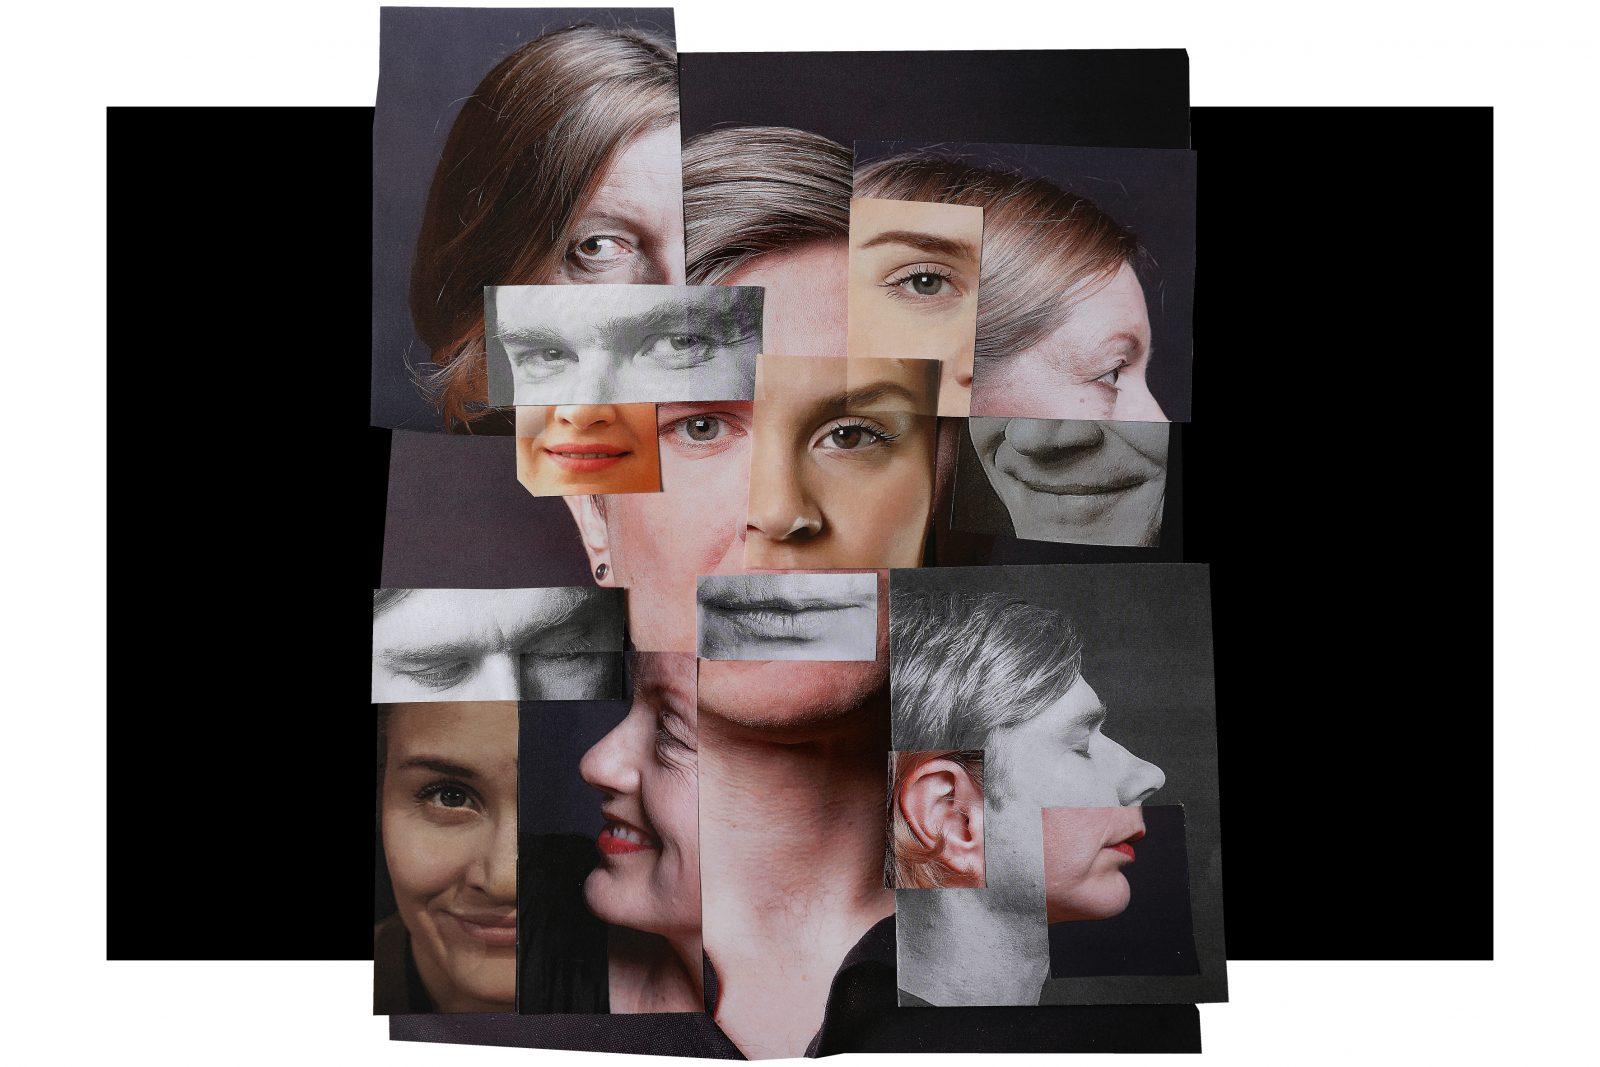 Kuvakollaasissa useita kasvoja